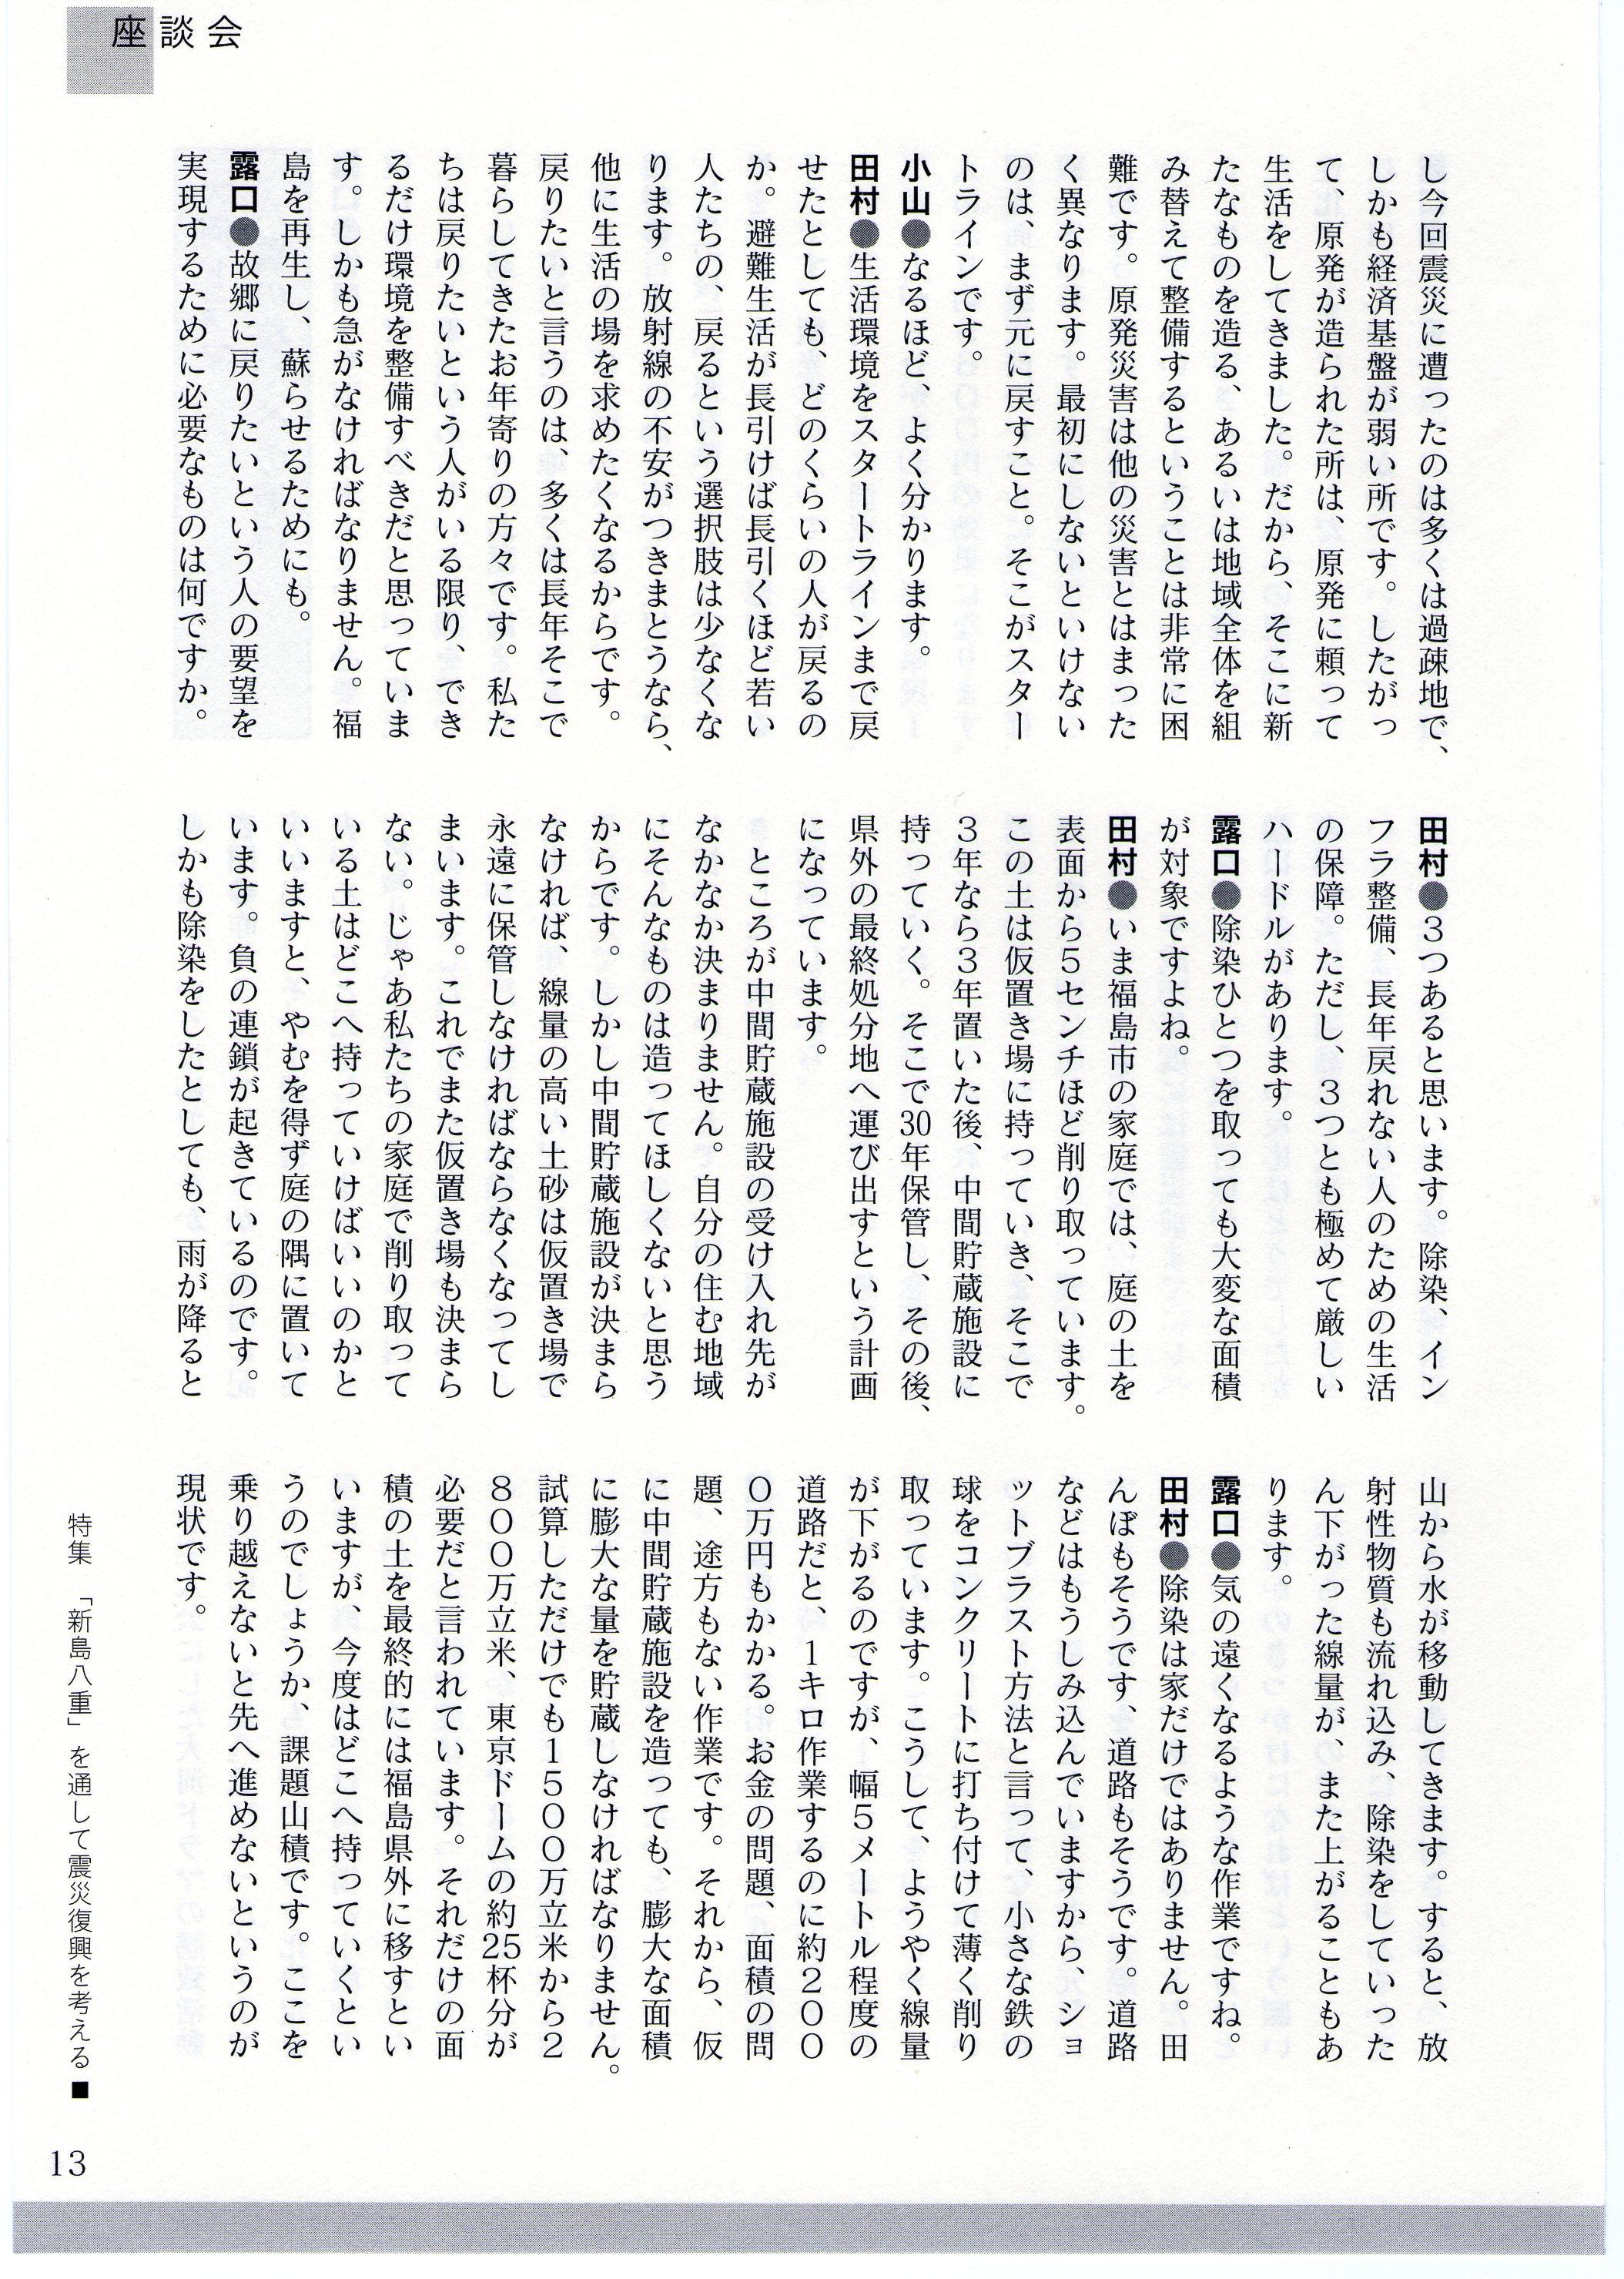 座談会「新島八重」を通して震災復興を考える 6